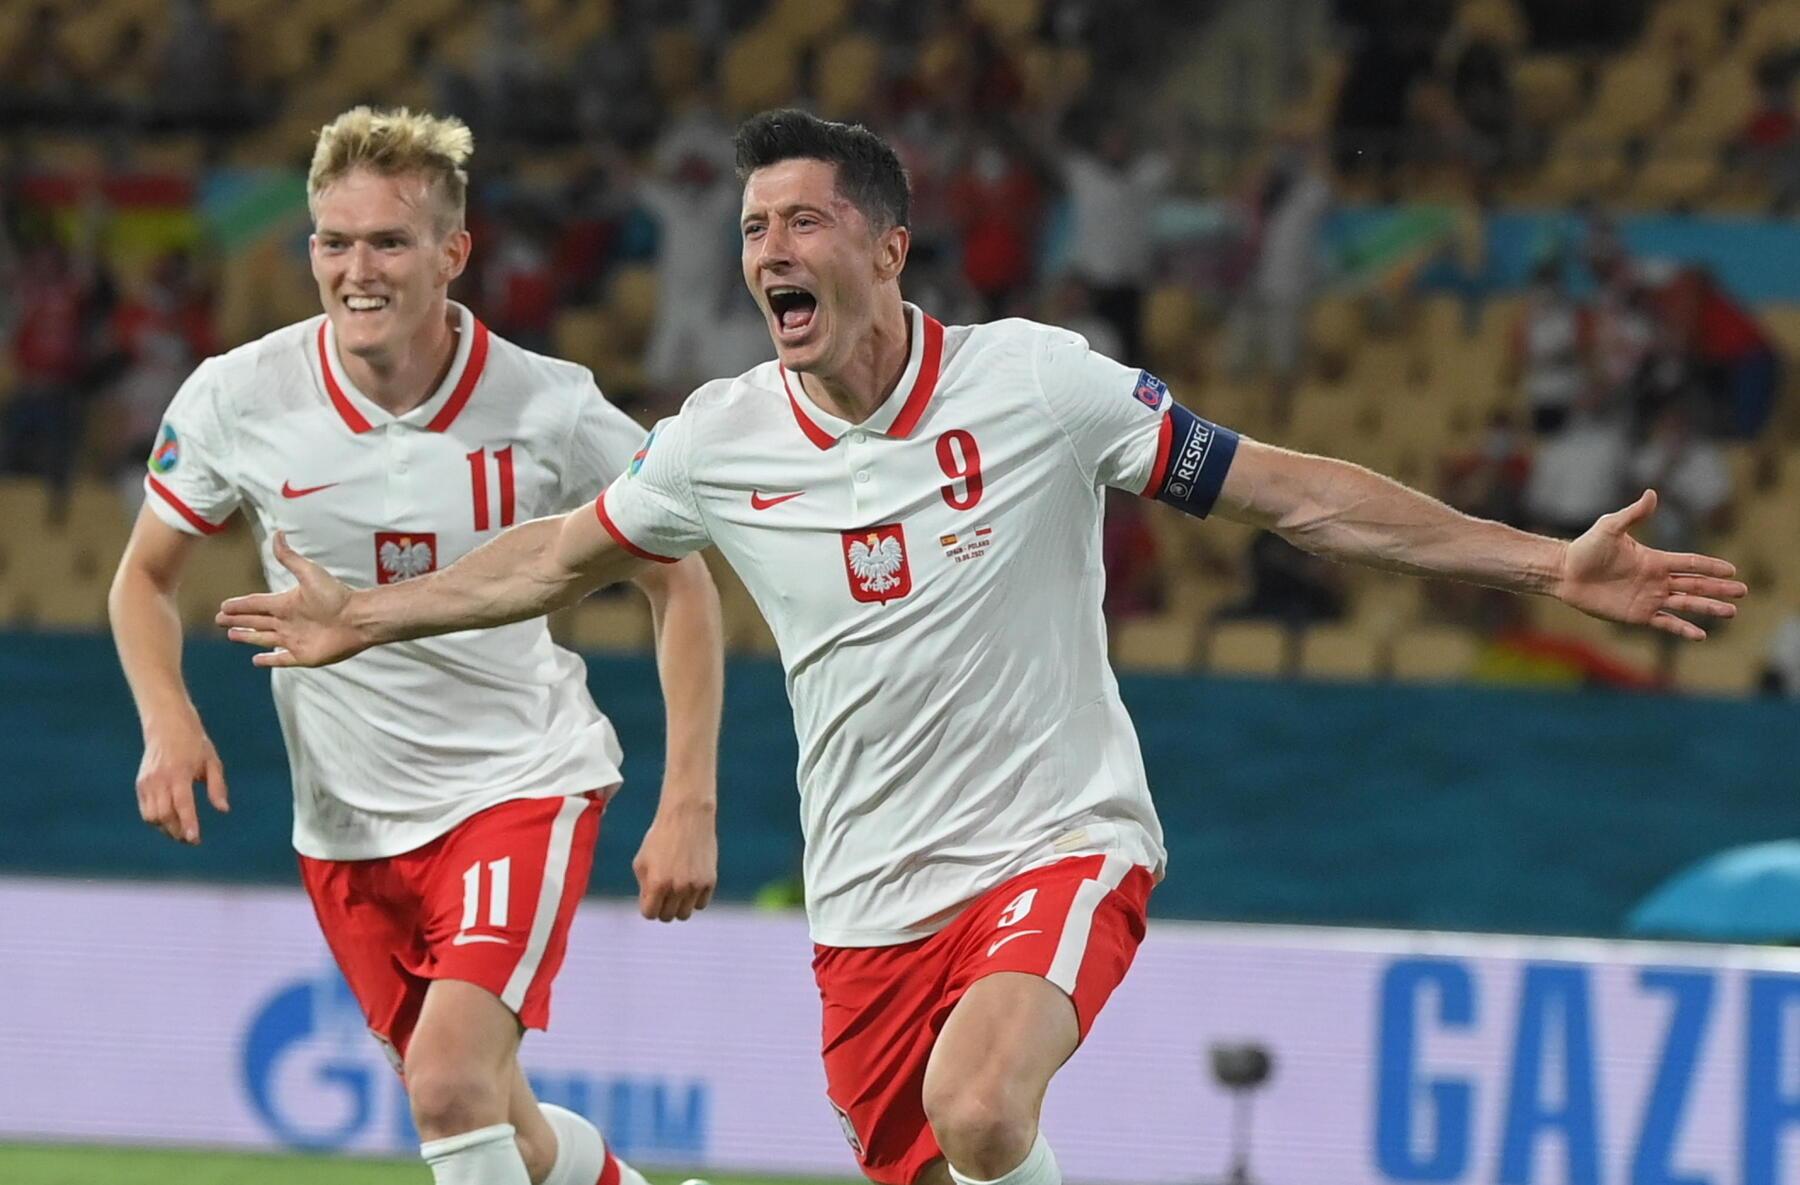 euro-2021,-risultati-e-classifica-del-girone-e:-la-spagna-non-vince-piu,-svezia-davanti-a-tutte!